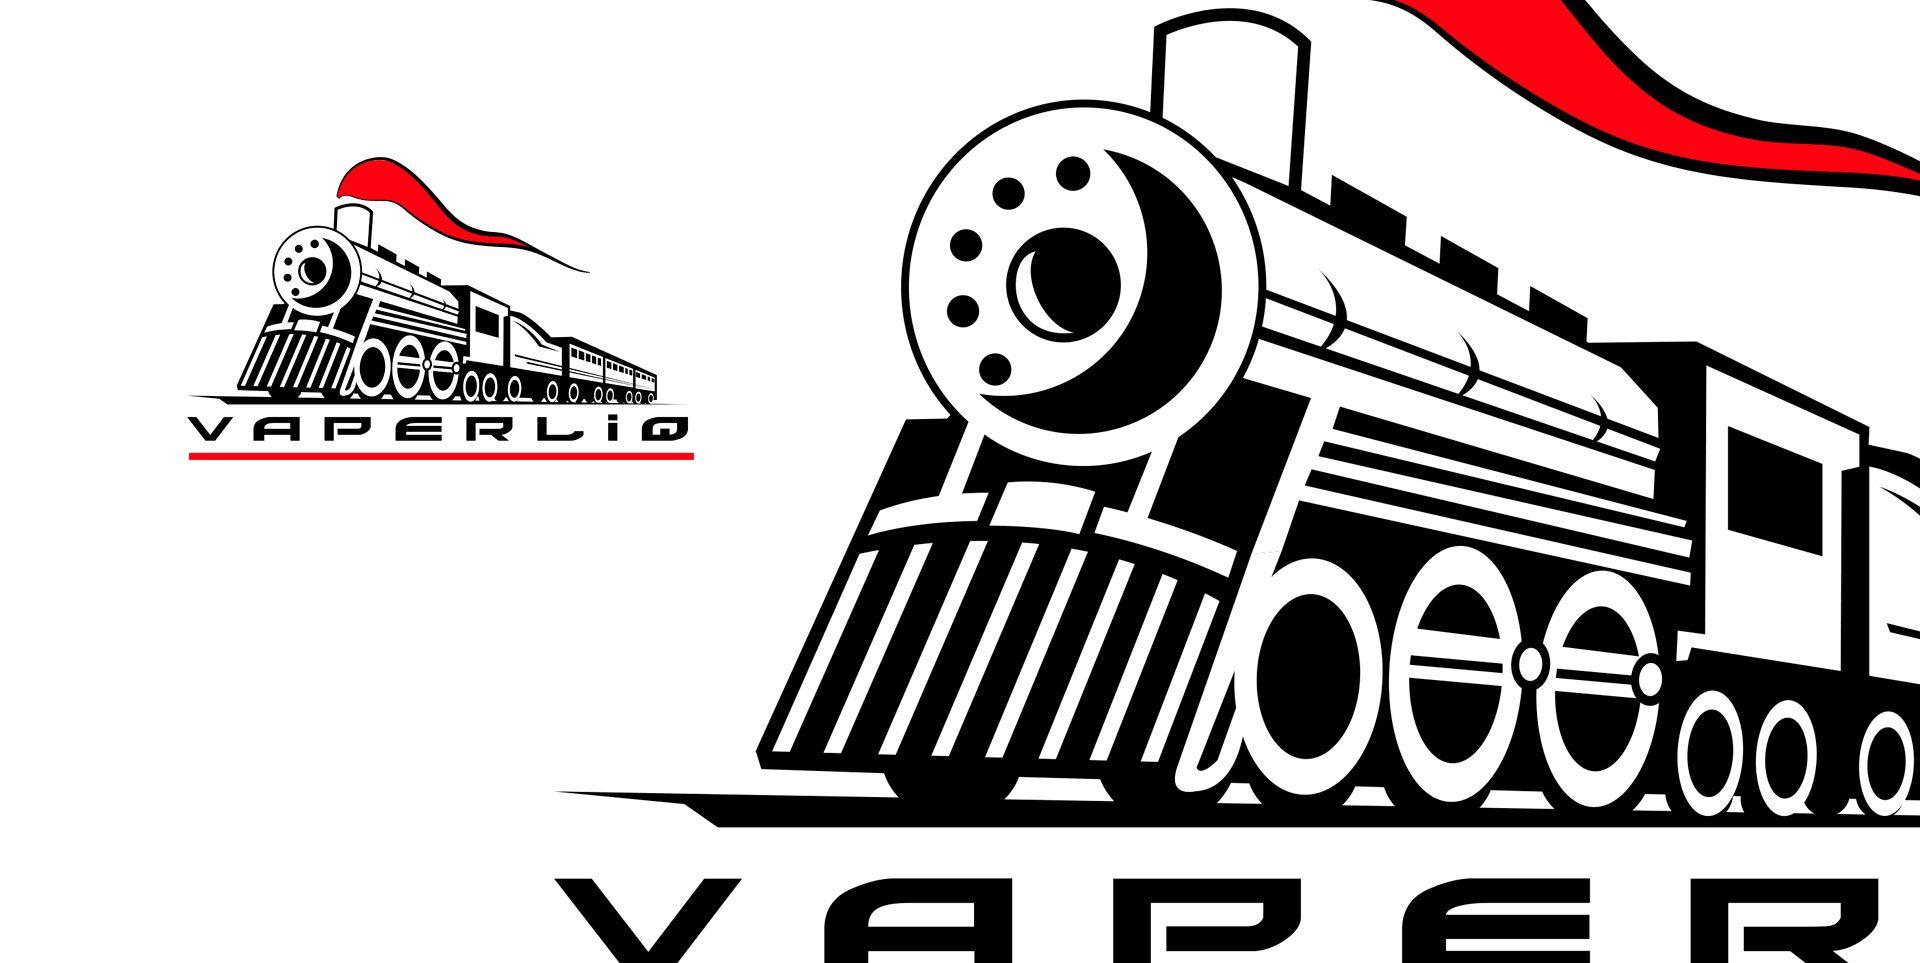 vaperliq-marca-002